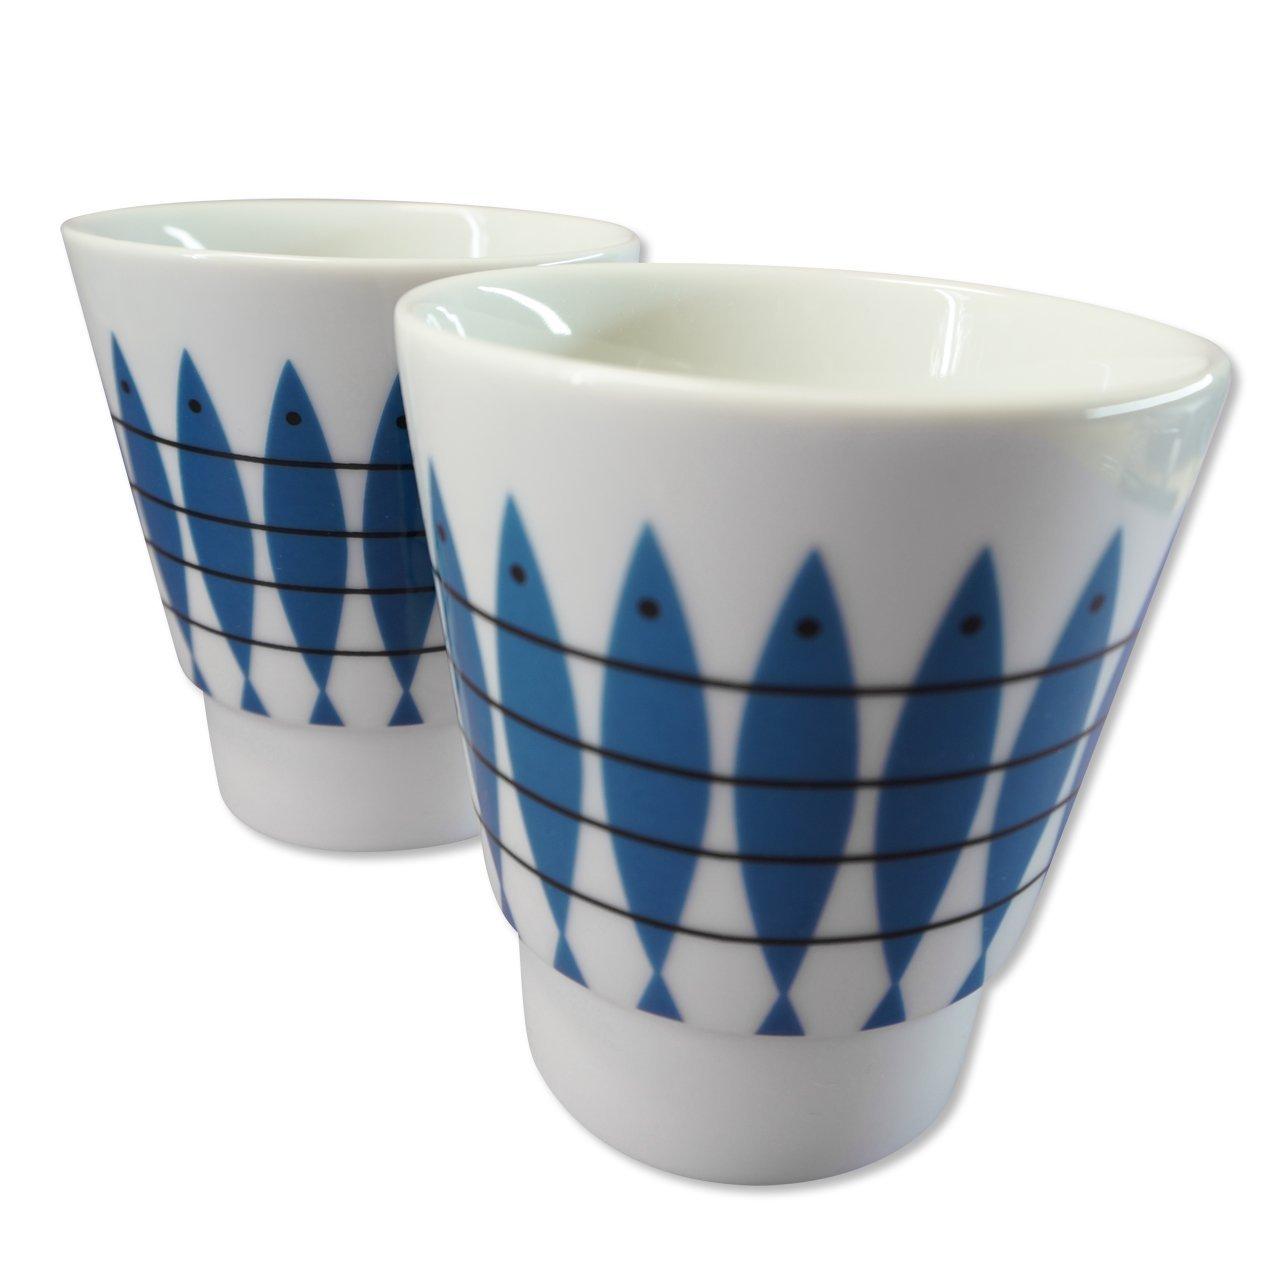 マグカップ2個セット Sill 直径8.7cm/高さ9.5cm